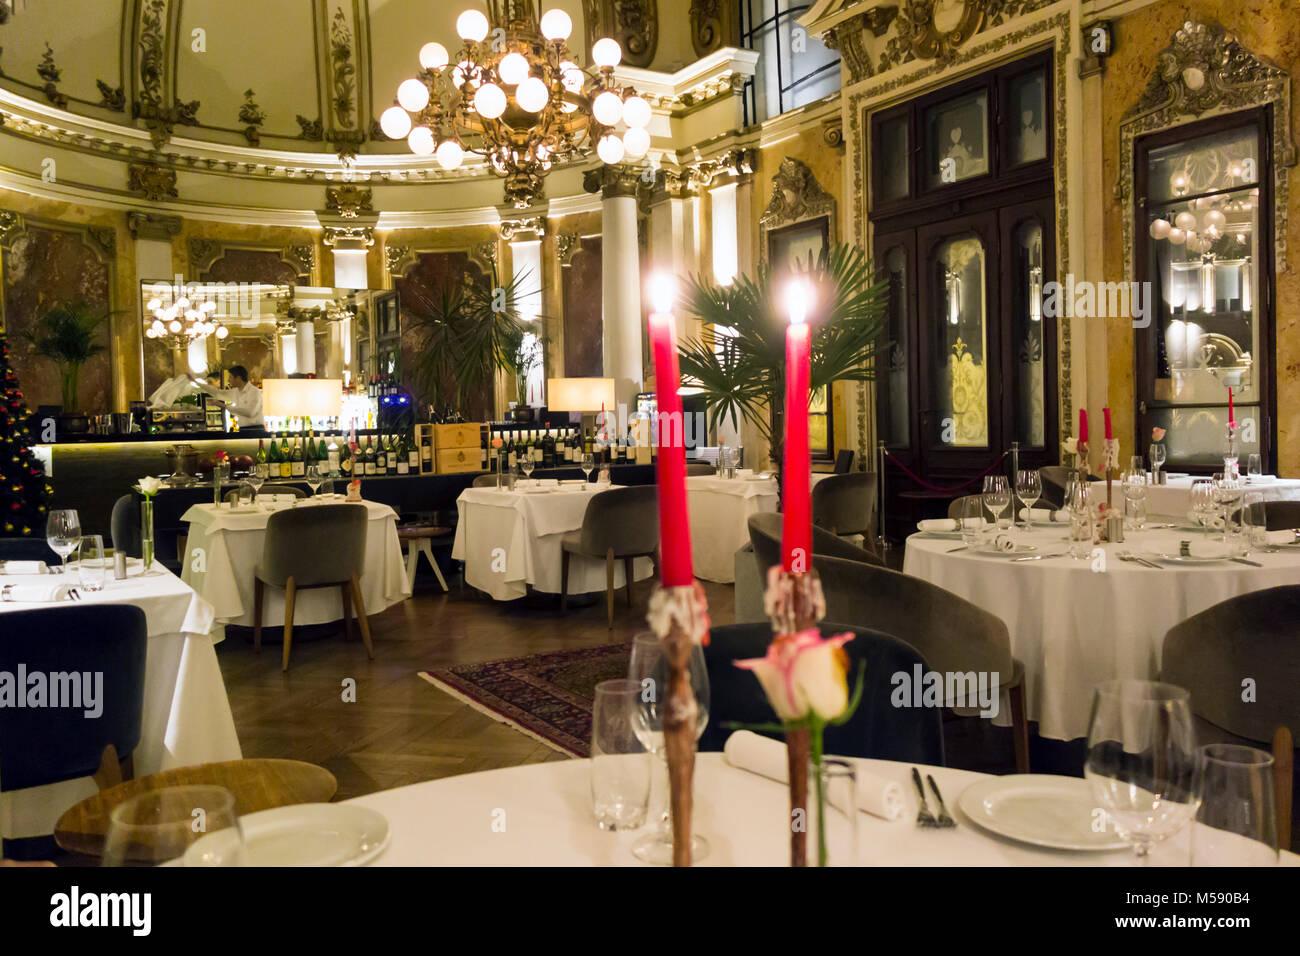 Innenraum der Salon 1905, ein Gourmet Restaurant in Belgrad, Serbien Stockbild